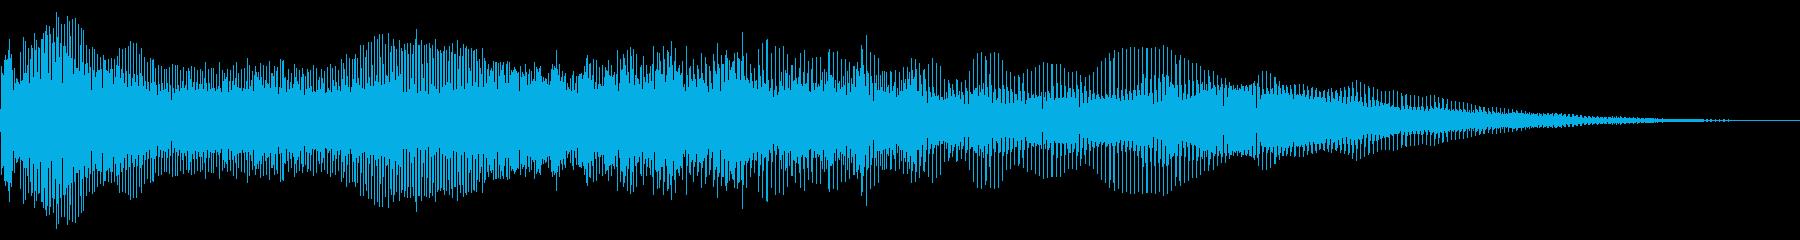 フルミックスバススイープの再生済みの波形